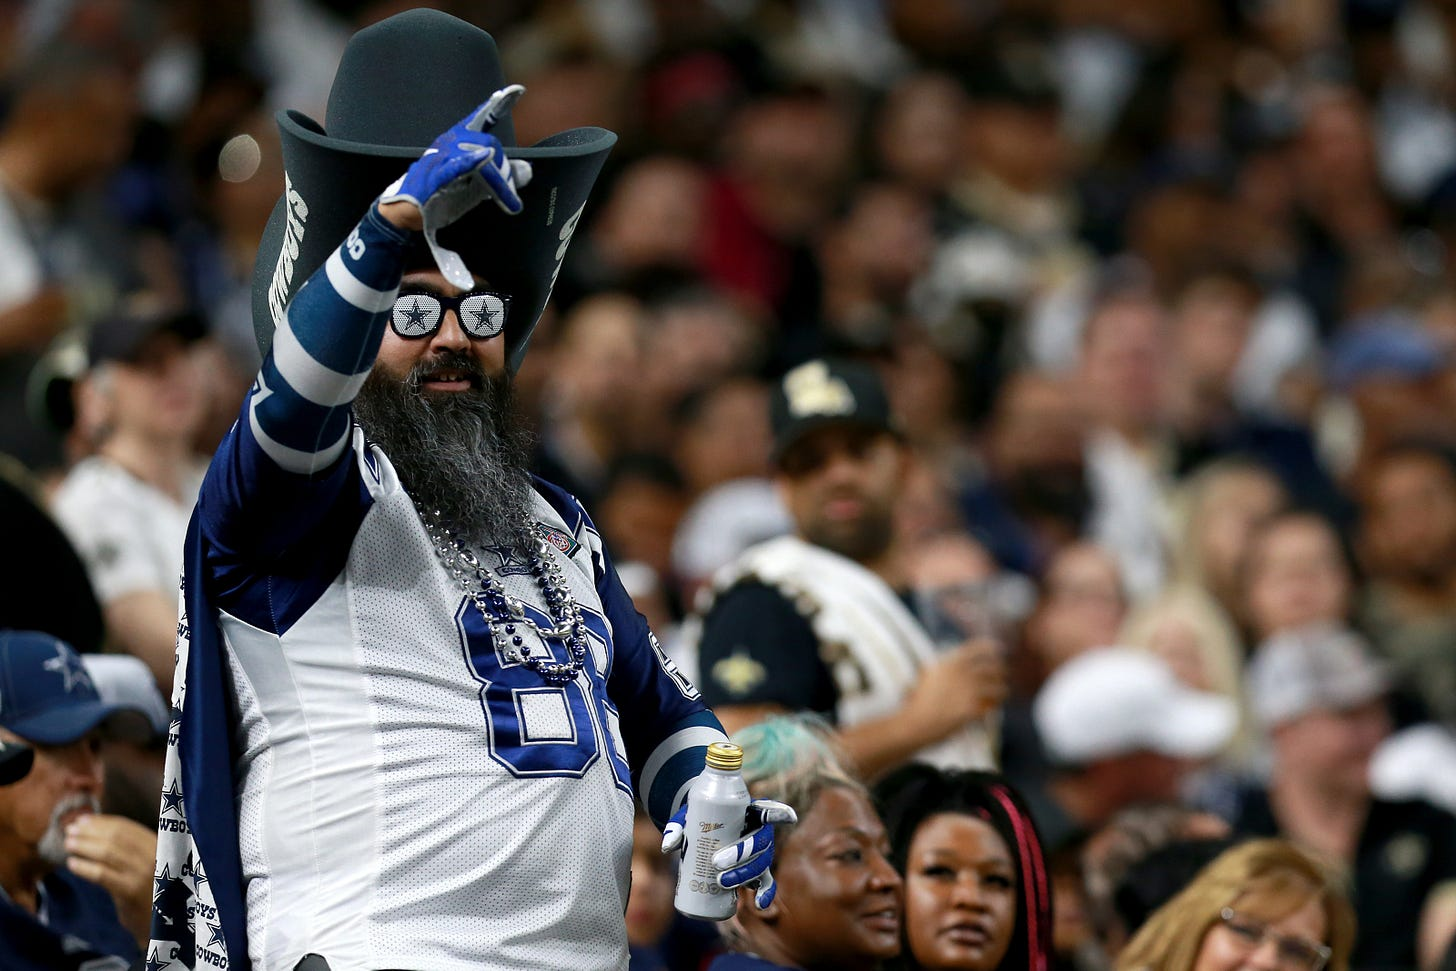 Dallas Cowboys fan could be 2019 FanSided Sports Fan of the Year